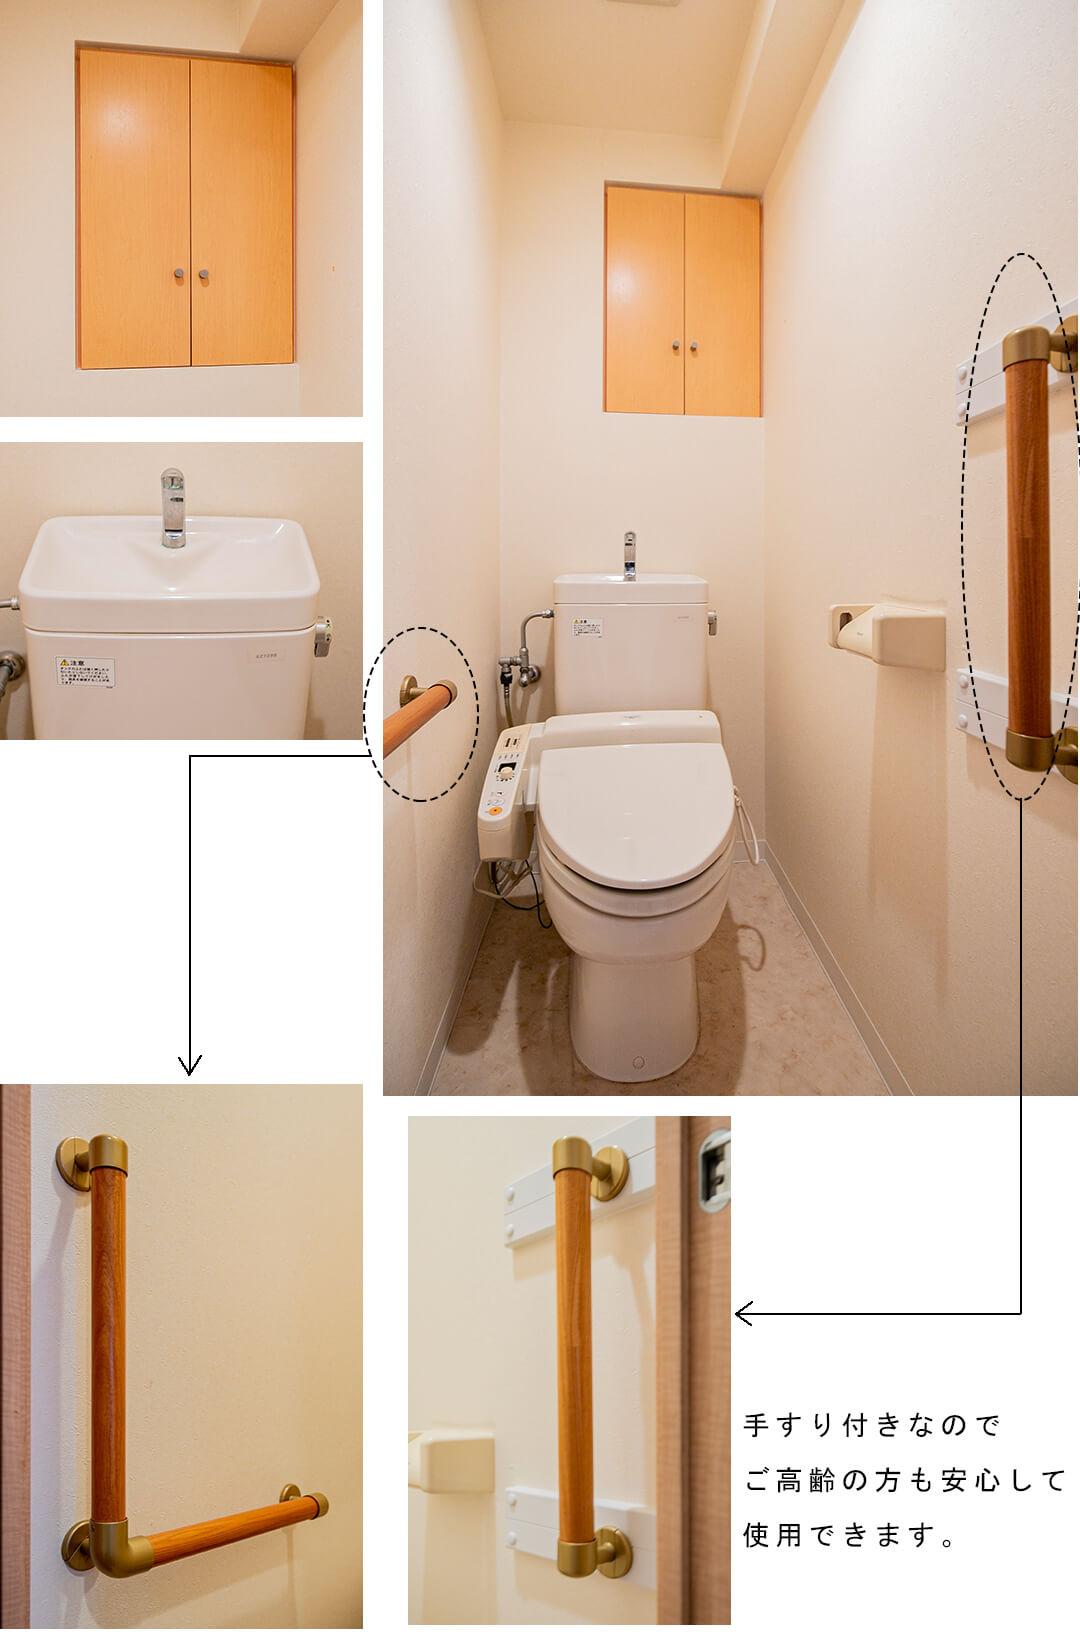 フェイムフロンテージ高田馬場のトイレ